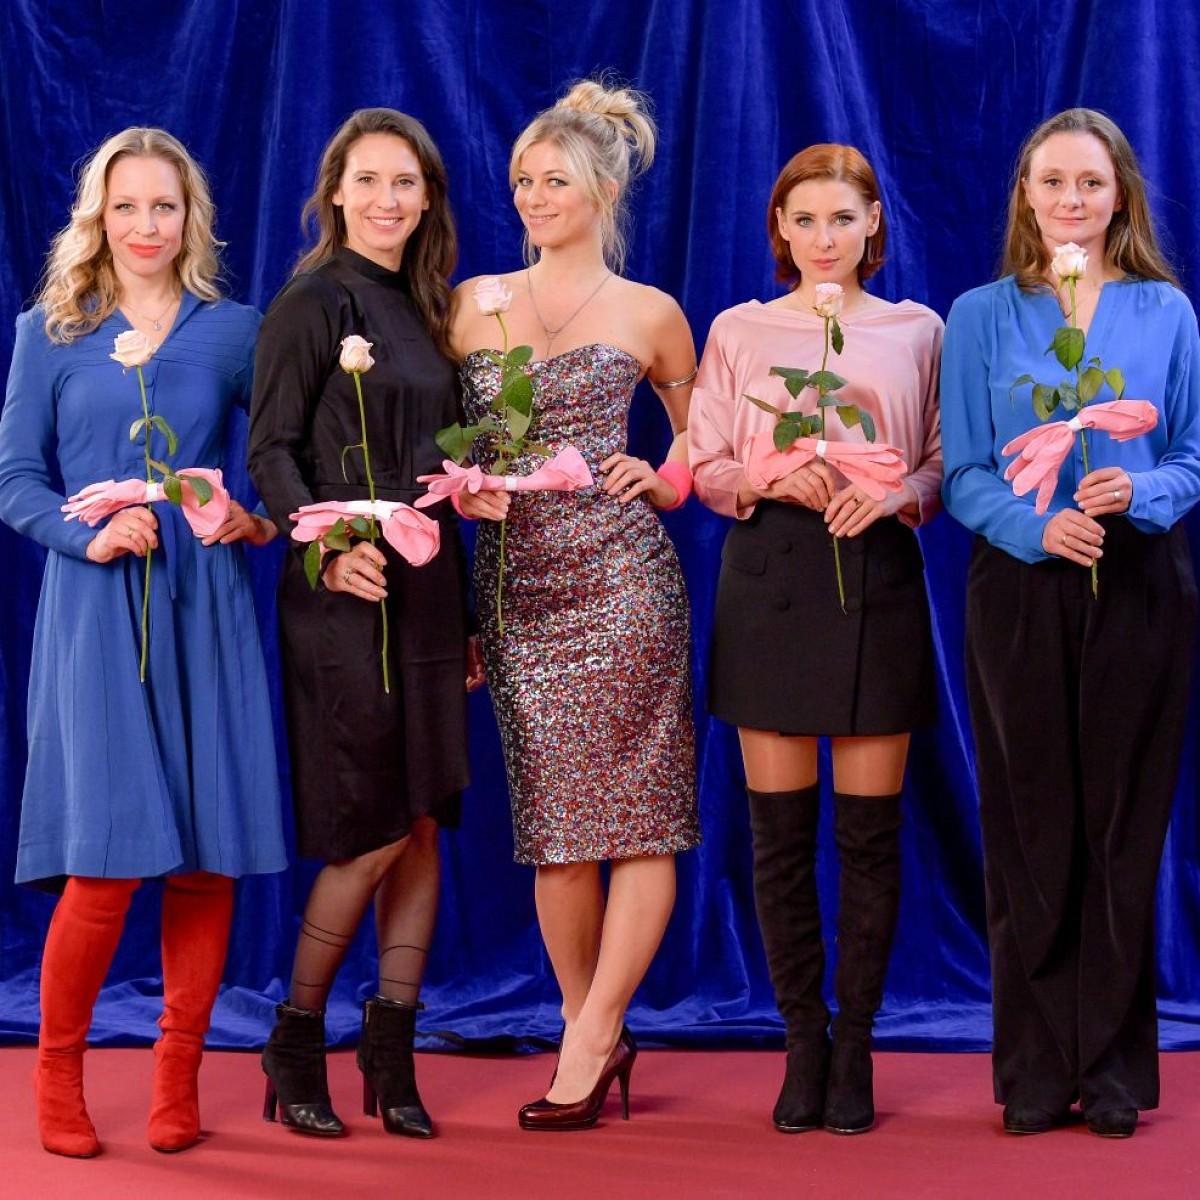 Vorstadtweiber Dritte Staffel Startet Im Januar In Osterreich Neue Intrigen Aus Der Wiener Vorstadt Tv Wunschliste